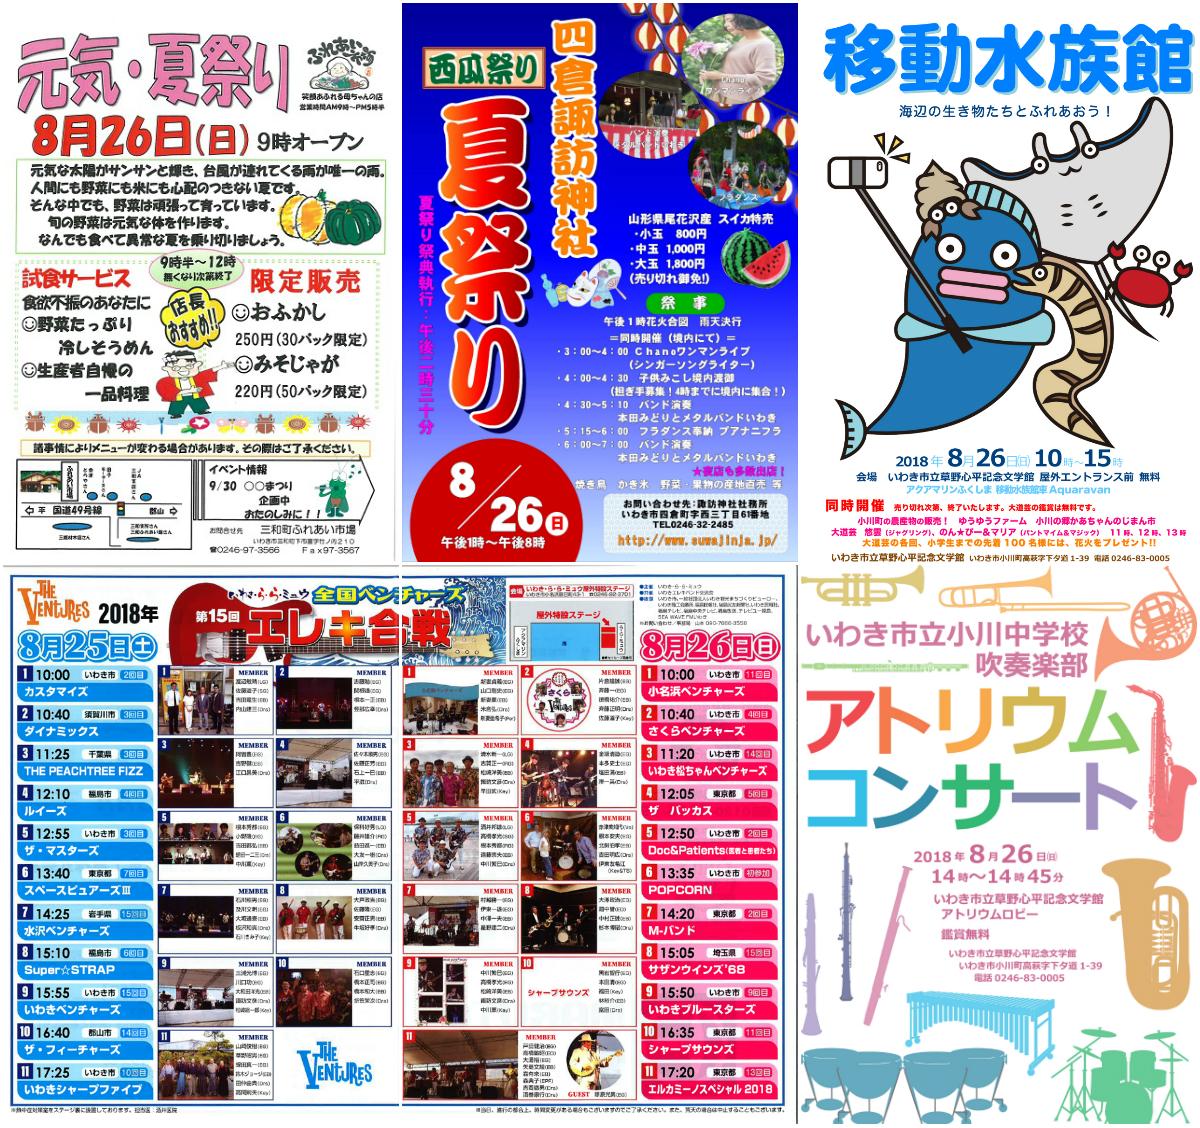 週末イベント情報 [平成30年8月22日(水)更新]